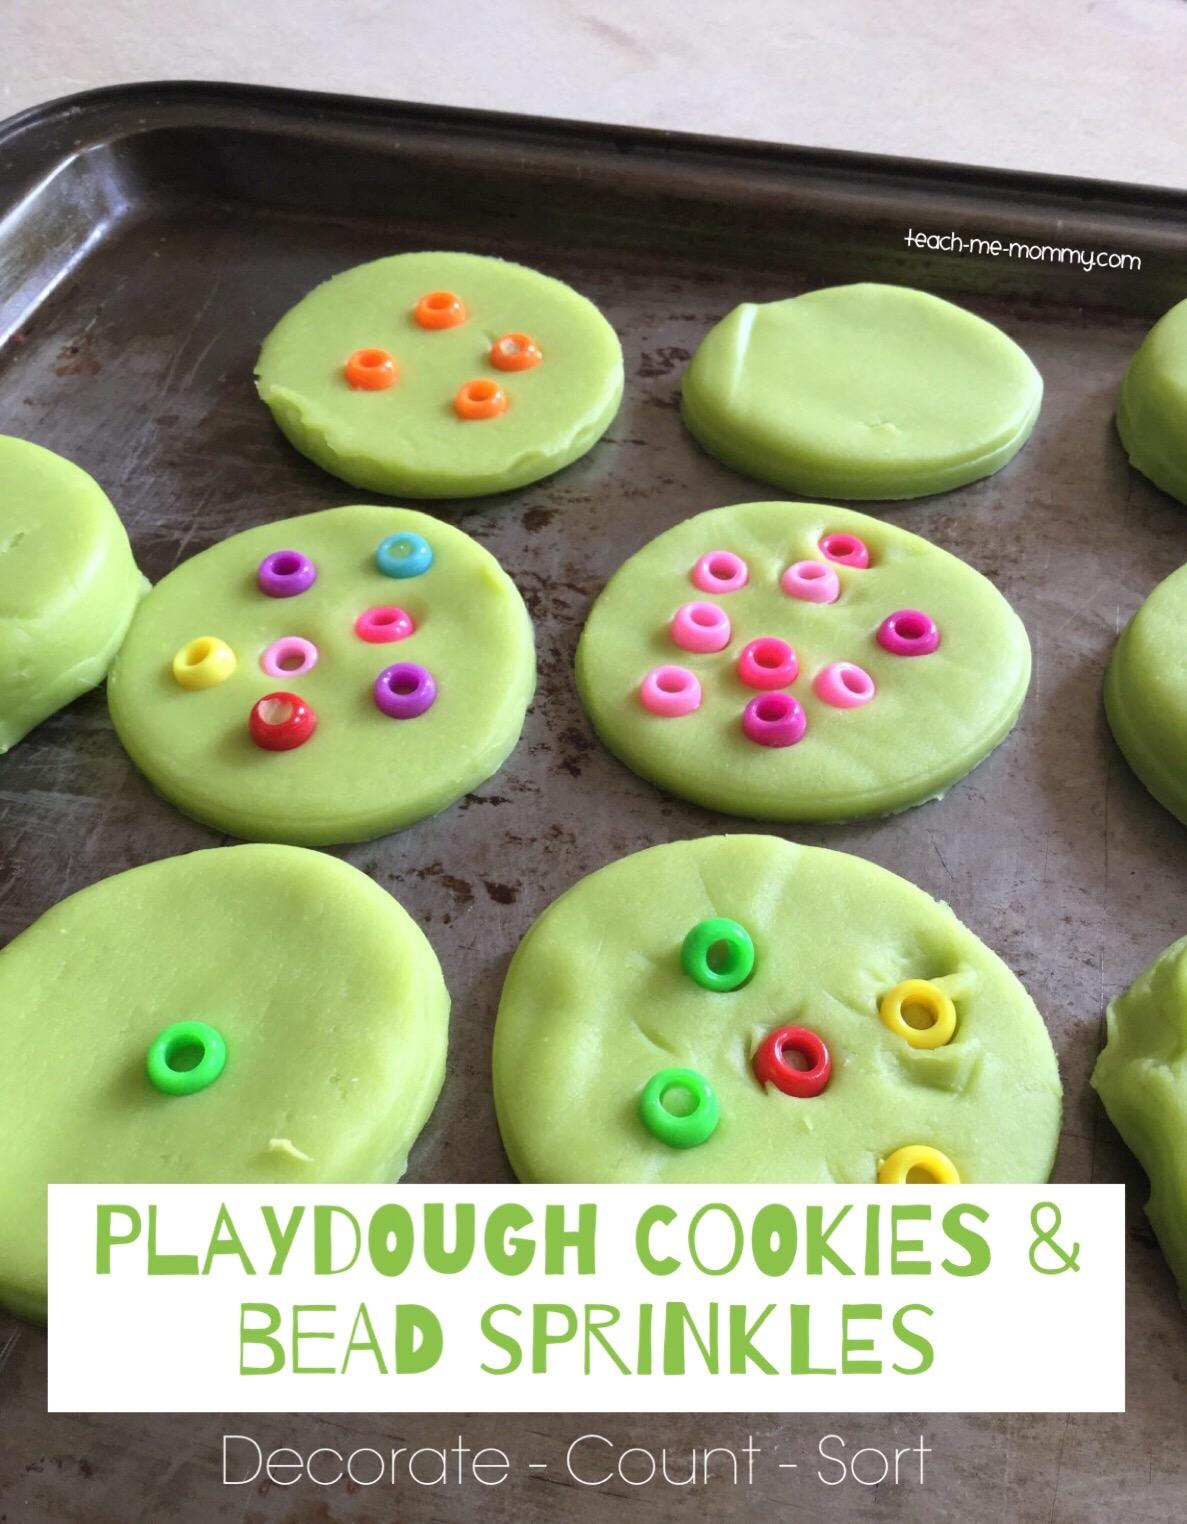 playdough cookies and bead sprinkles